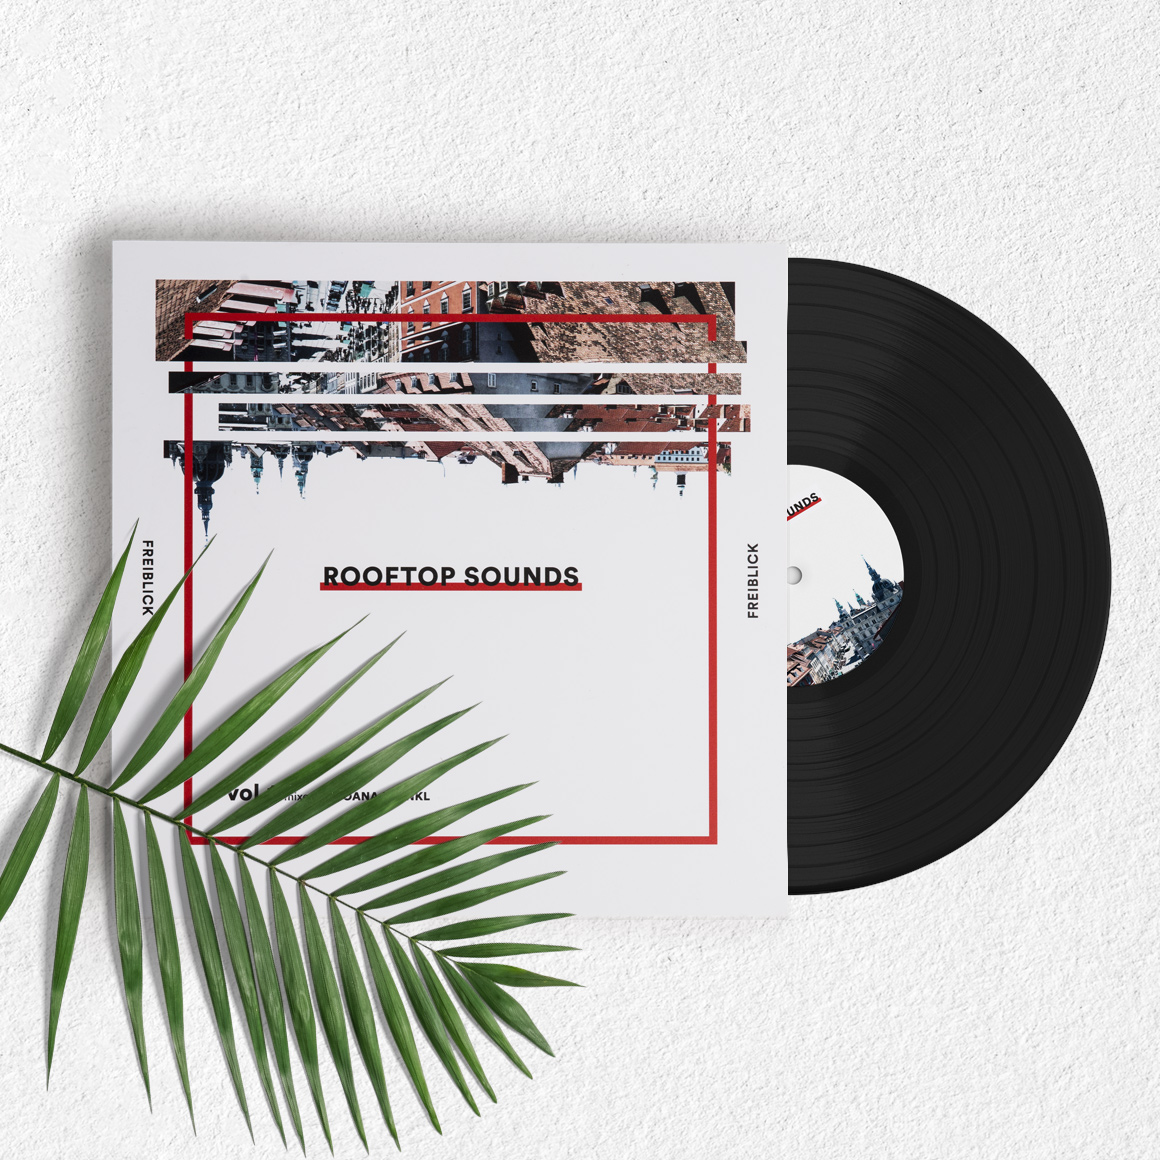 Rooftp_Sounds_Markus_Resch_Vinyl_2017